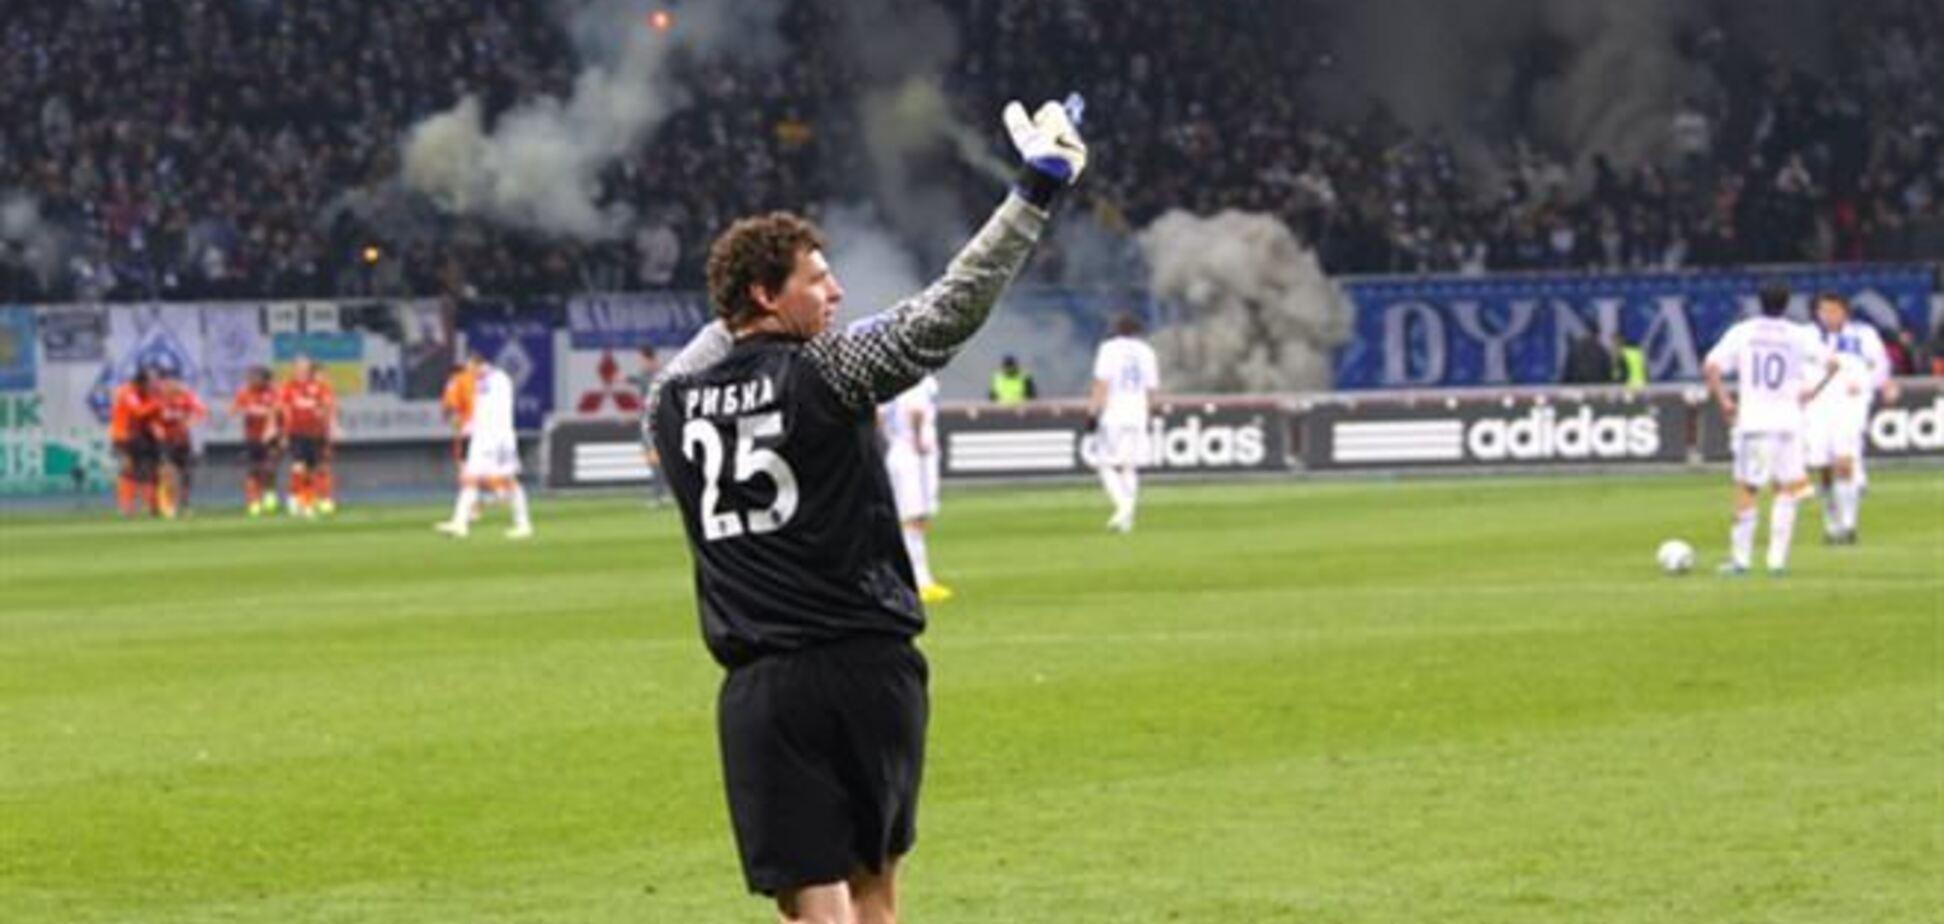 Вратарь 'Динамо' Рыбка: я показывал средний палец не фанатам, а трем идиотам